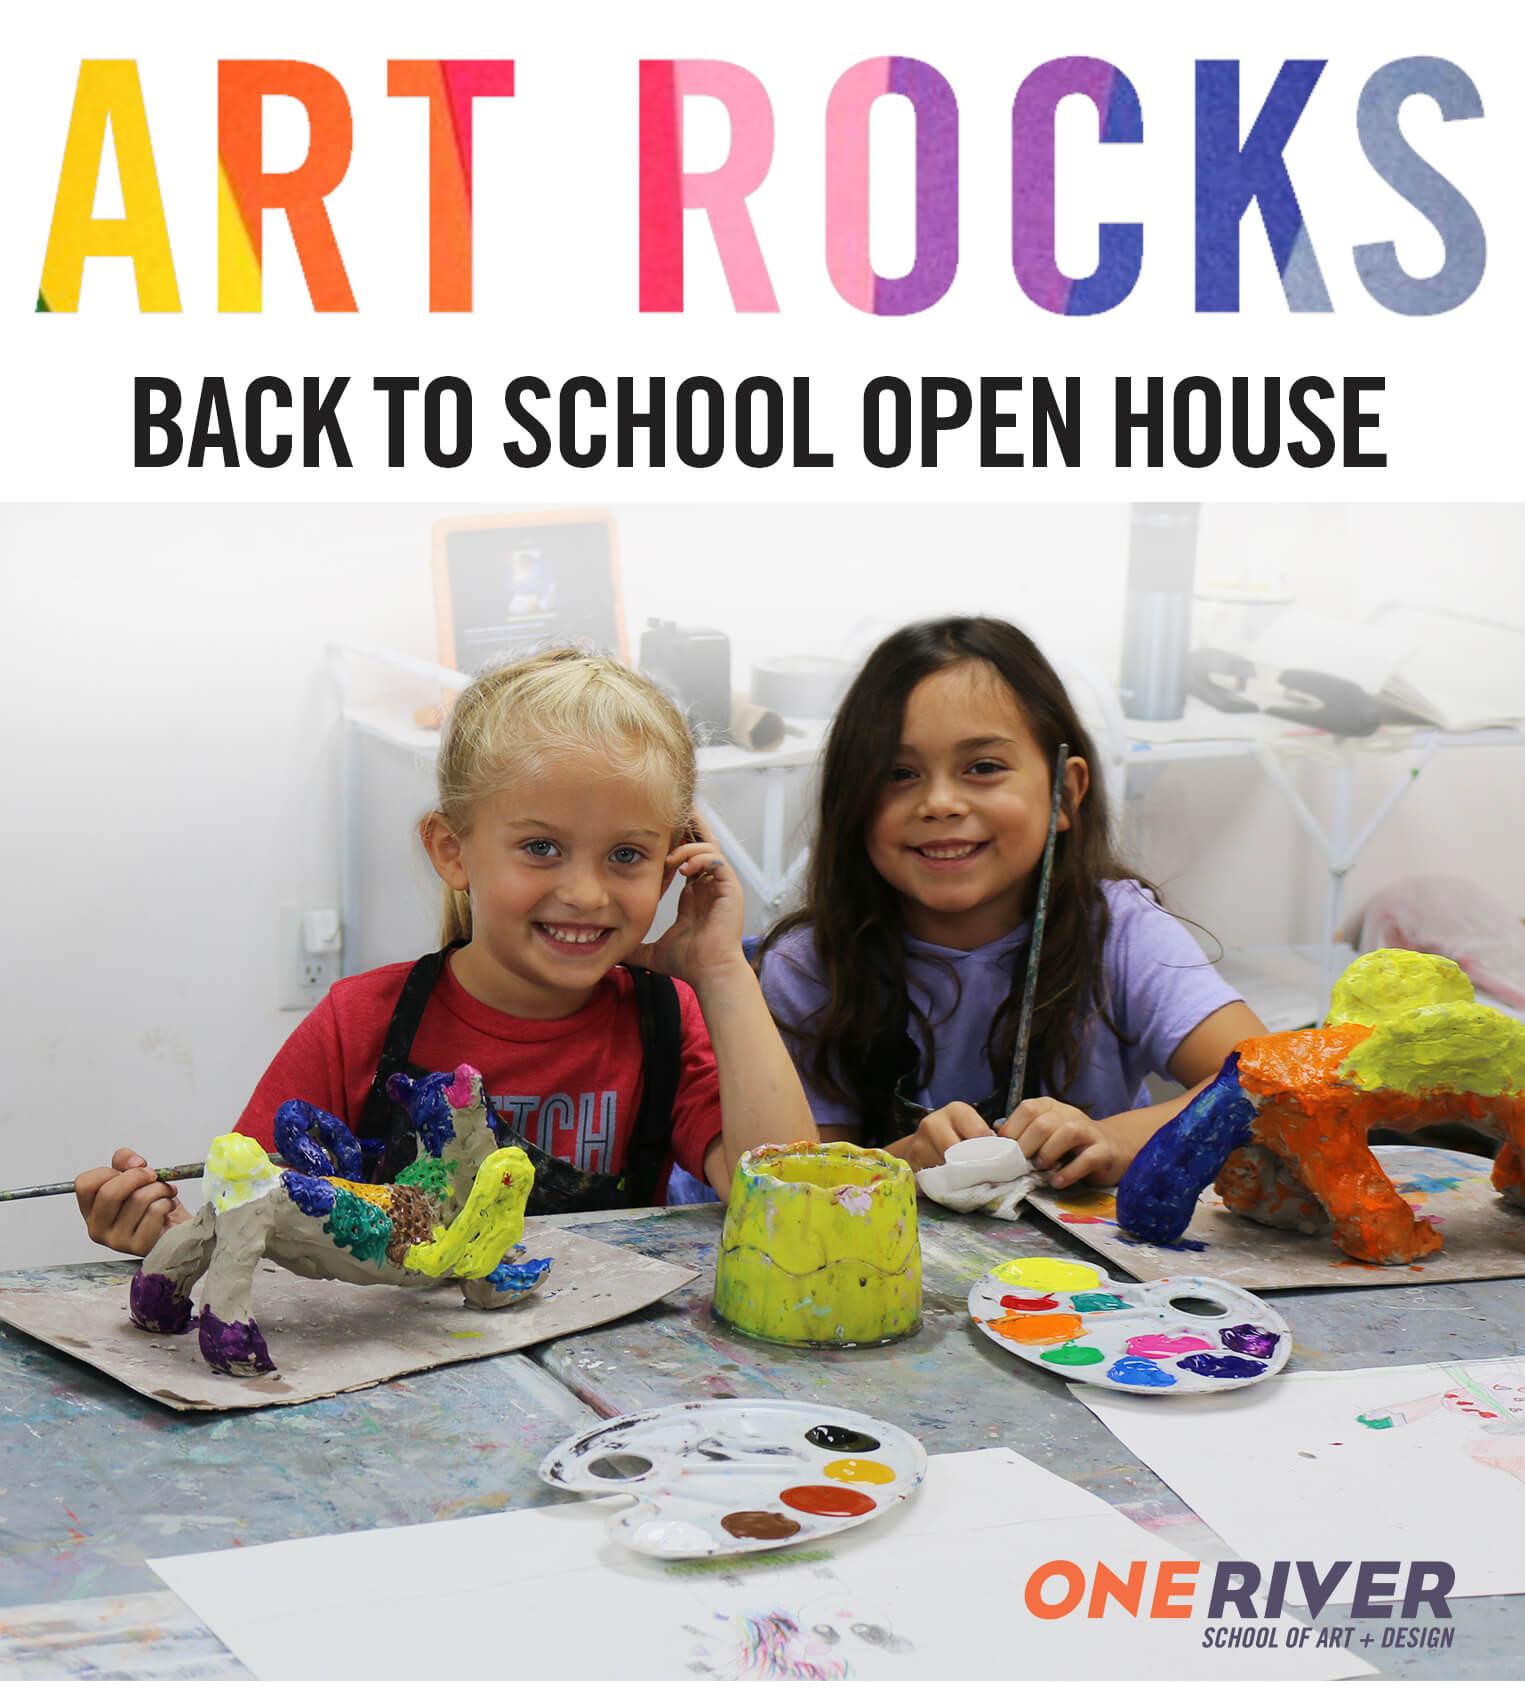 ArtRocksBacktoSchool_ImageText